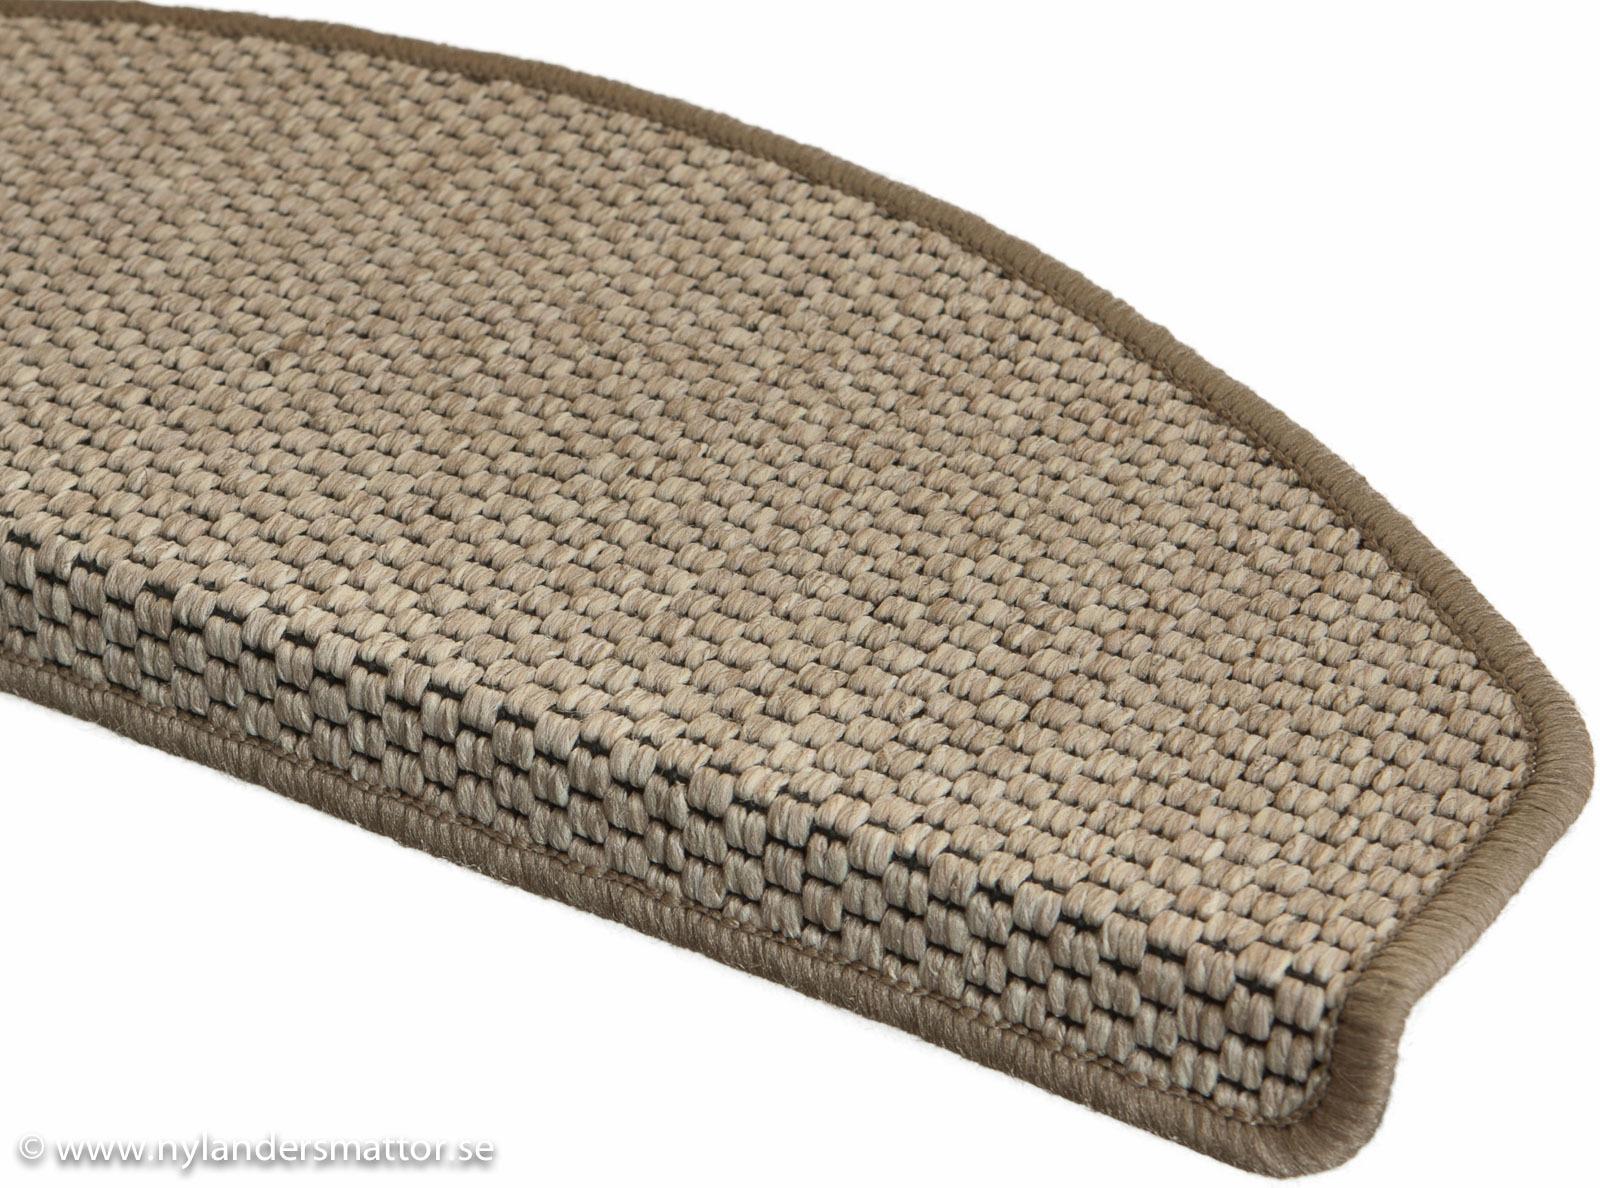 Bild på mattan Natura